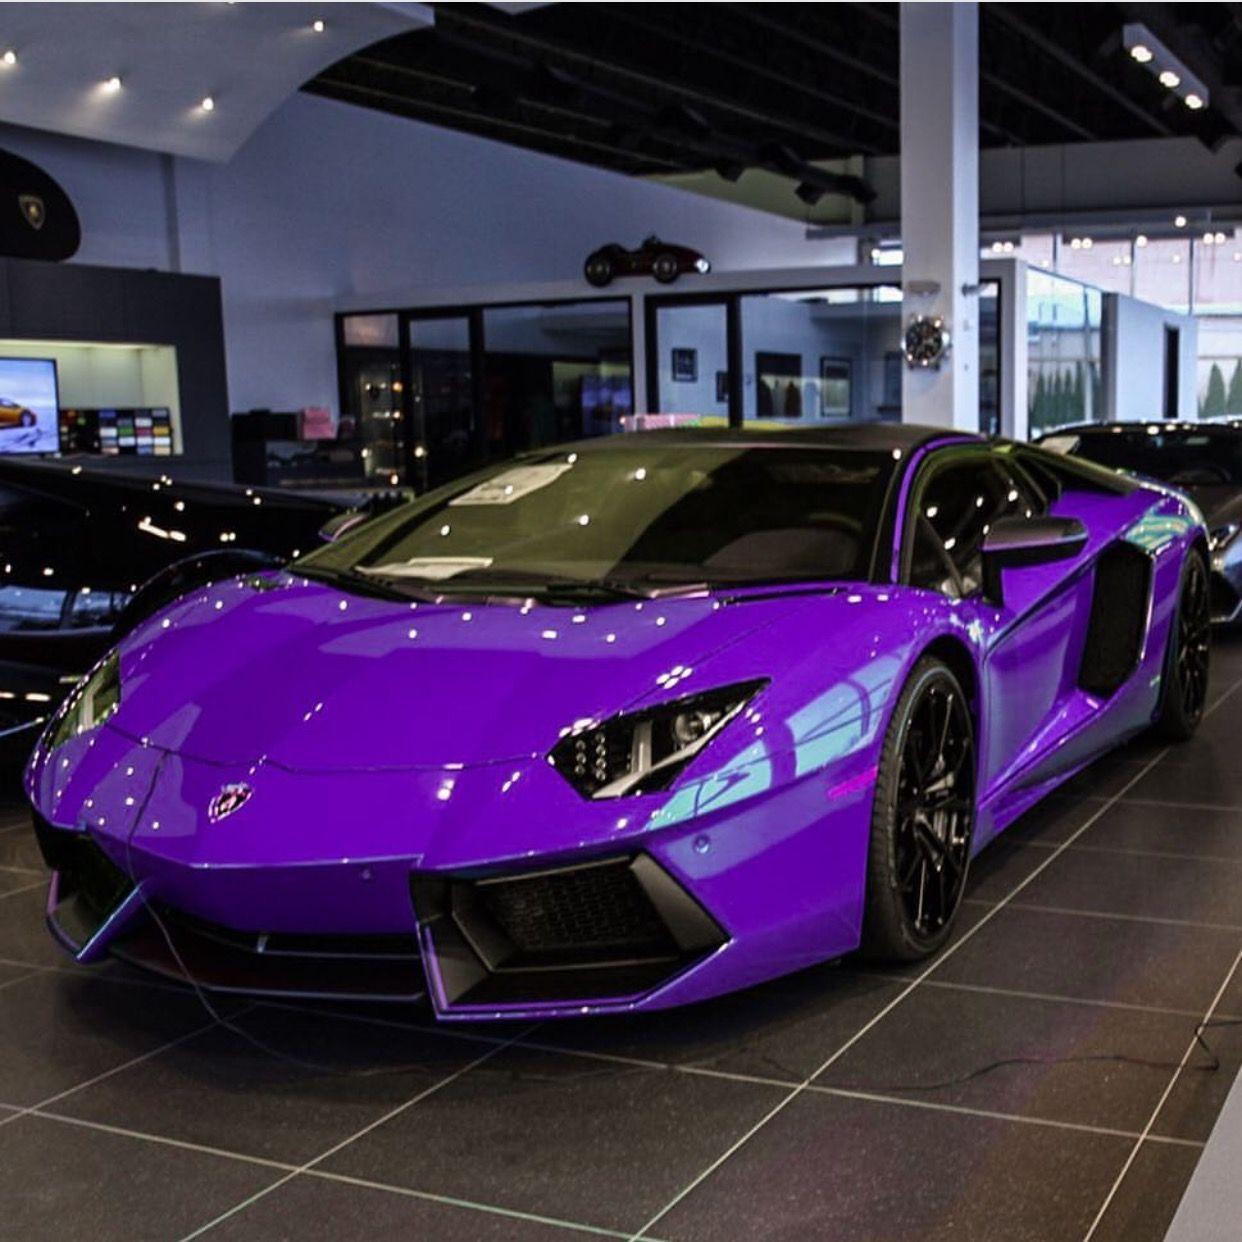 Lamborghini Aventador Roadster Painted In Royal Purple